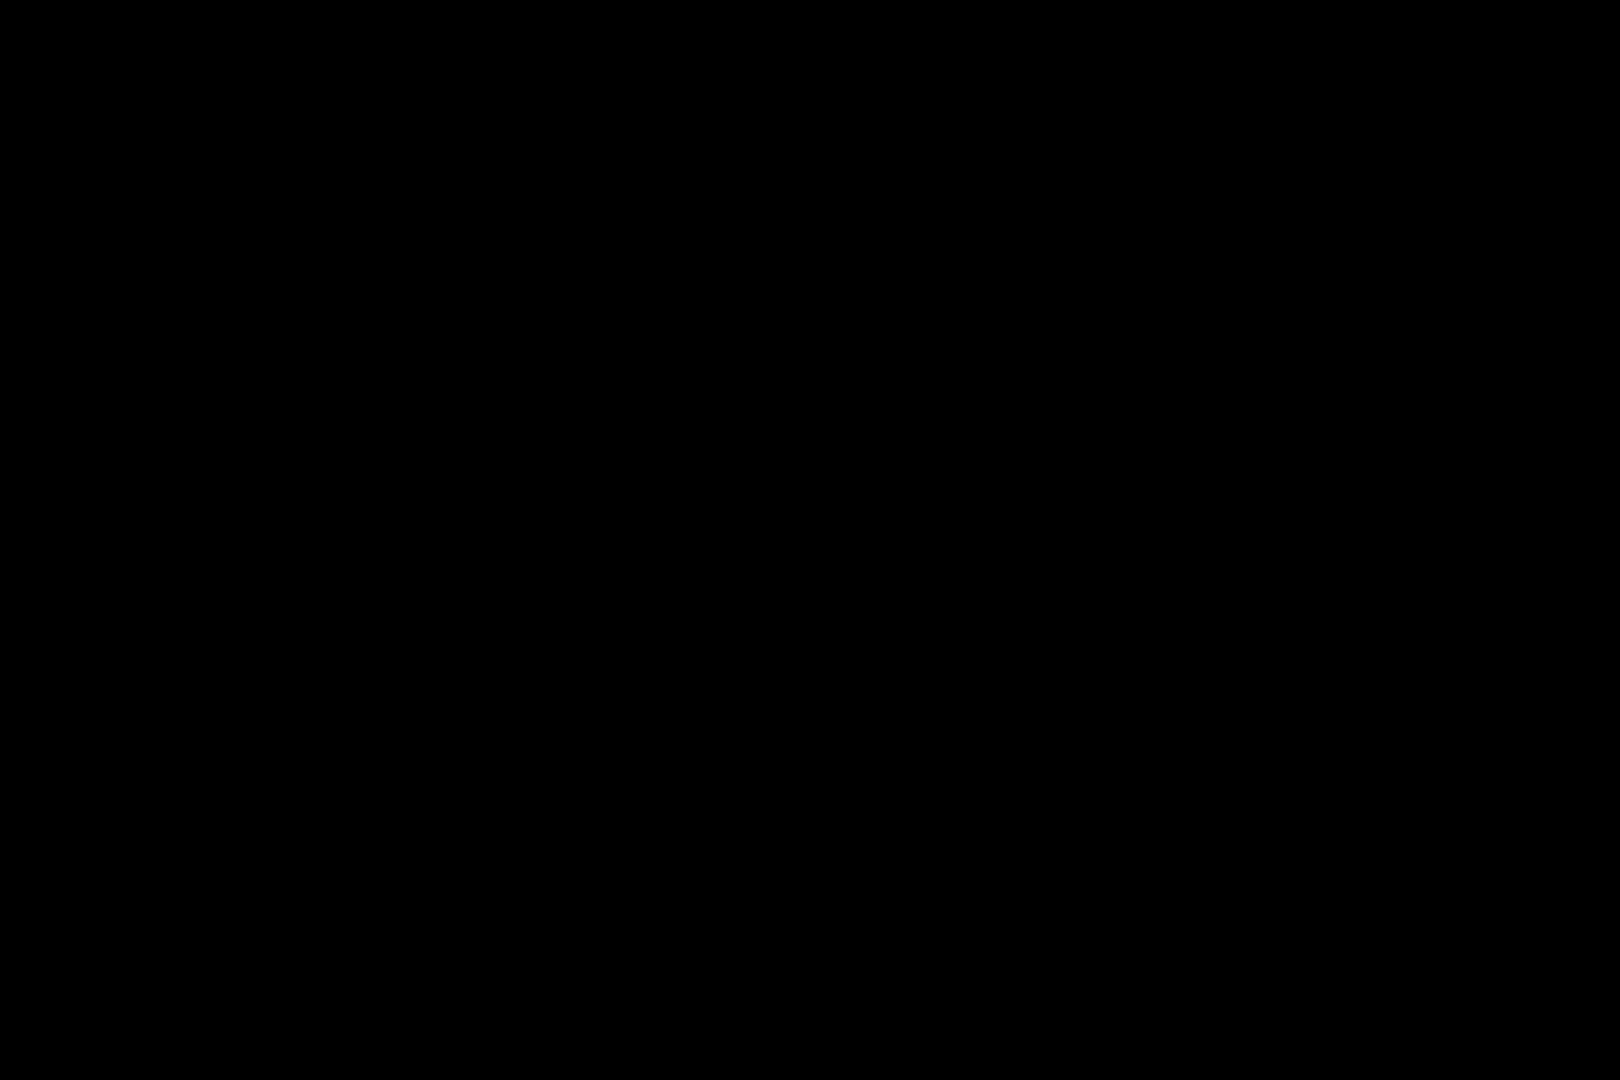 充血監督の深夜の運動会Vol.143 性欲溢れる女性達 オメコ無修正動画無料 109pic 43